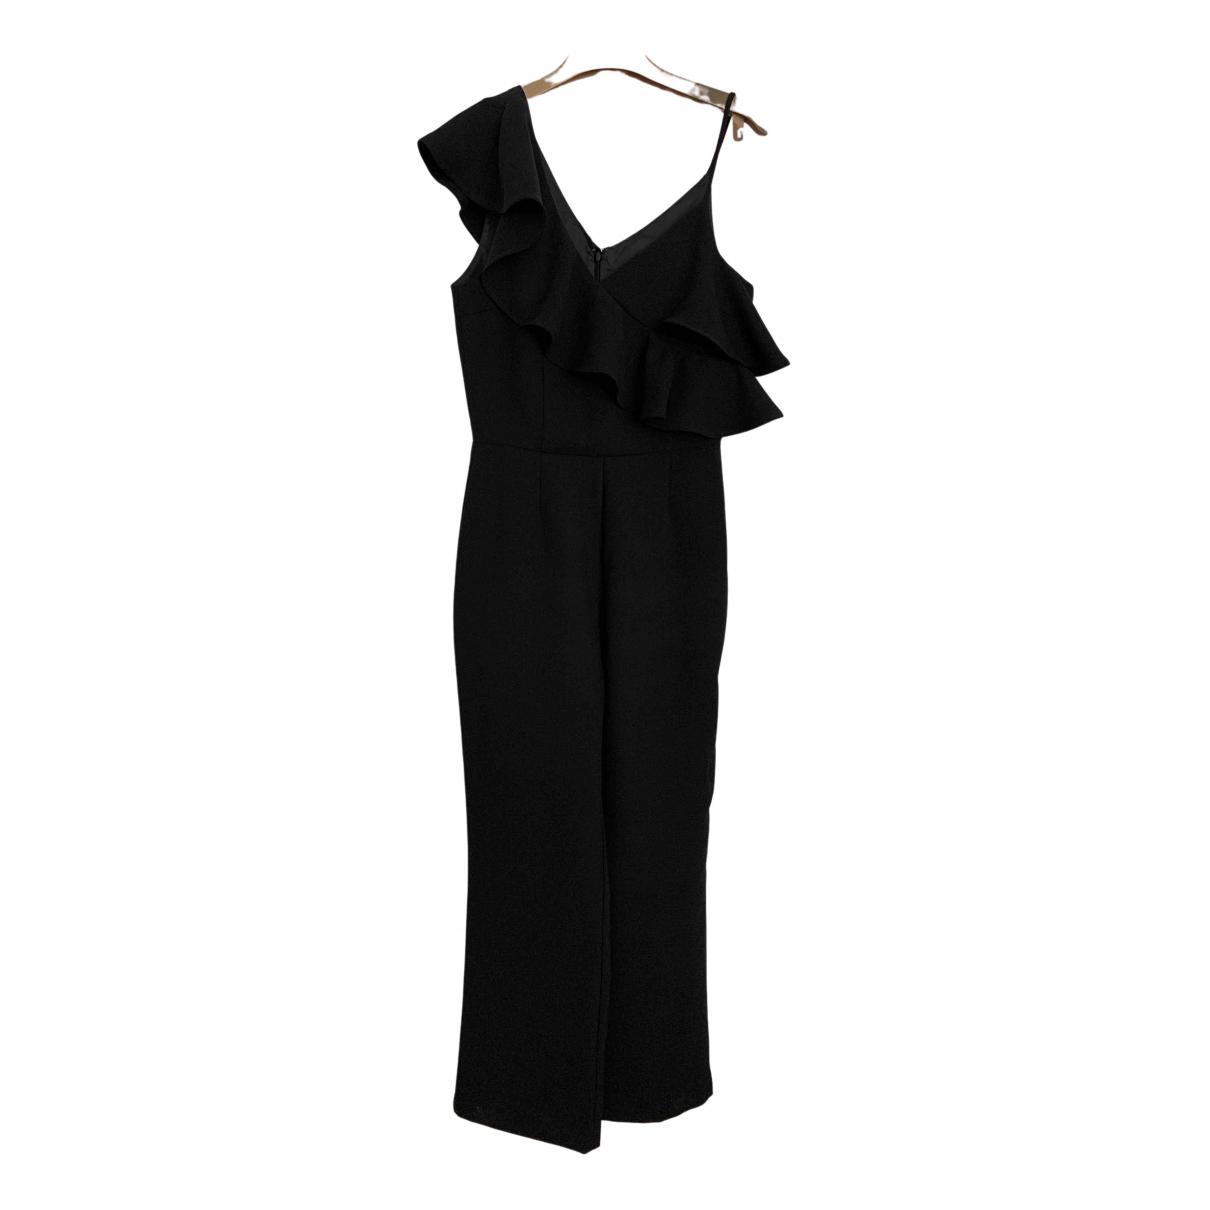 Maje N Black jumpsuit for Women 38 FR